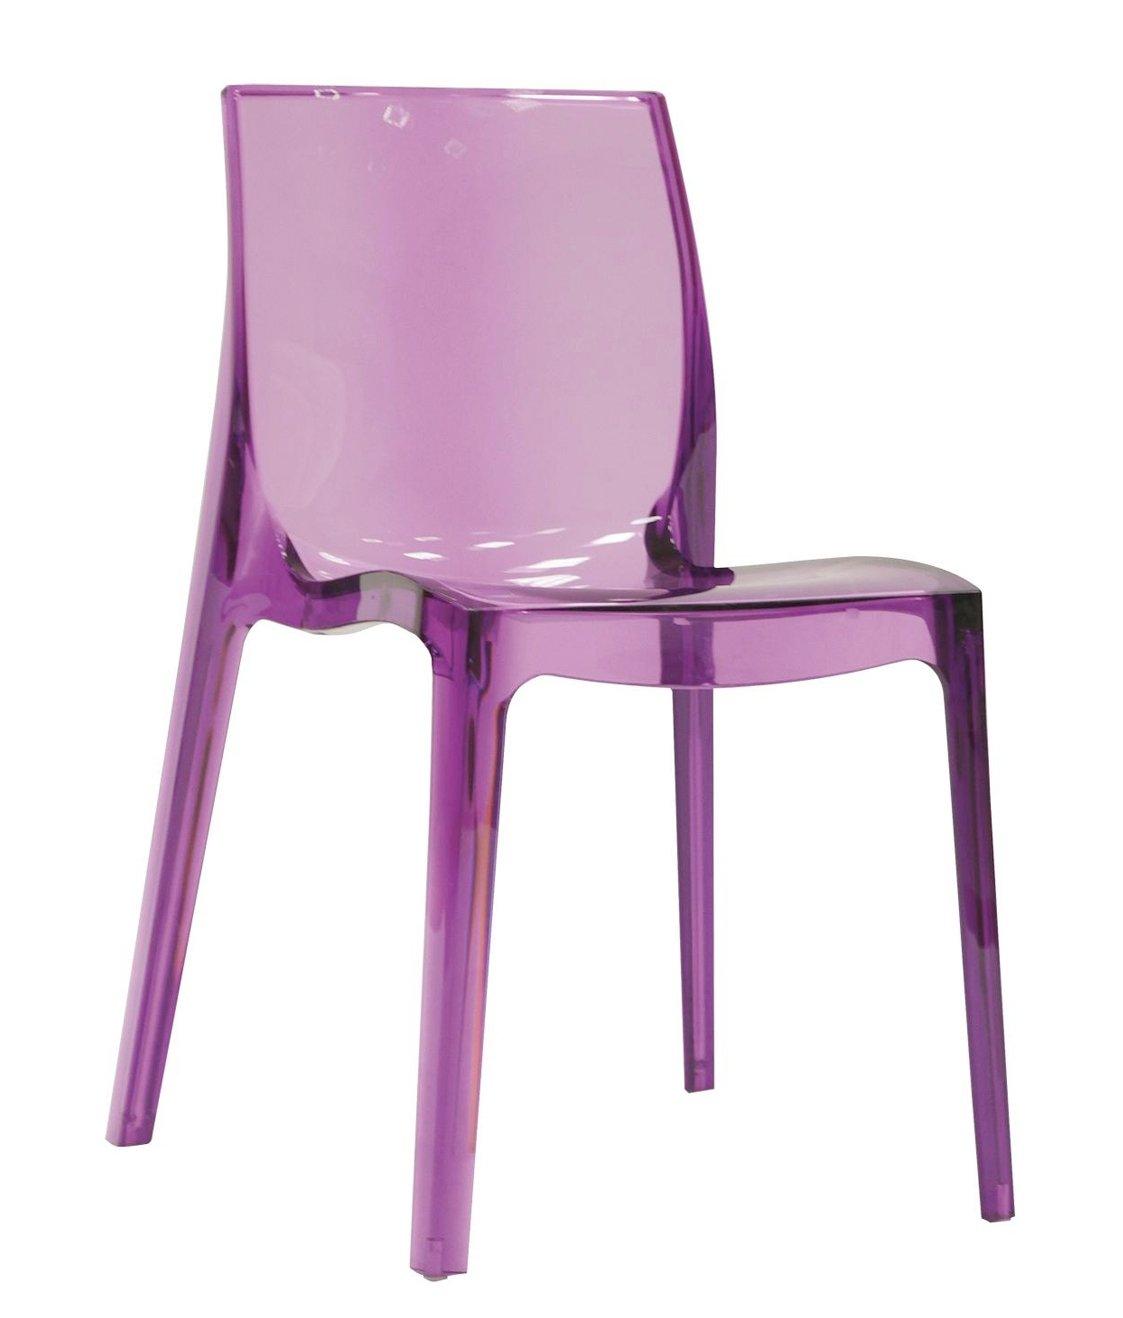 Sedie low cost 15 modelli a meno di 100 euro cose di casa - Sedie colorate per cucina ...